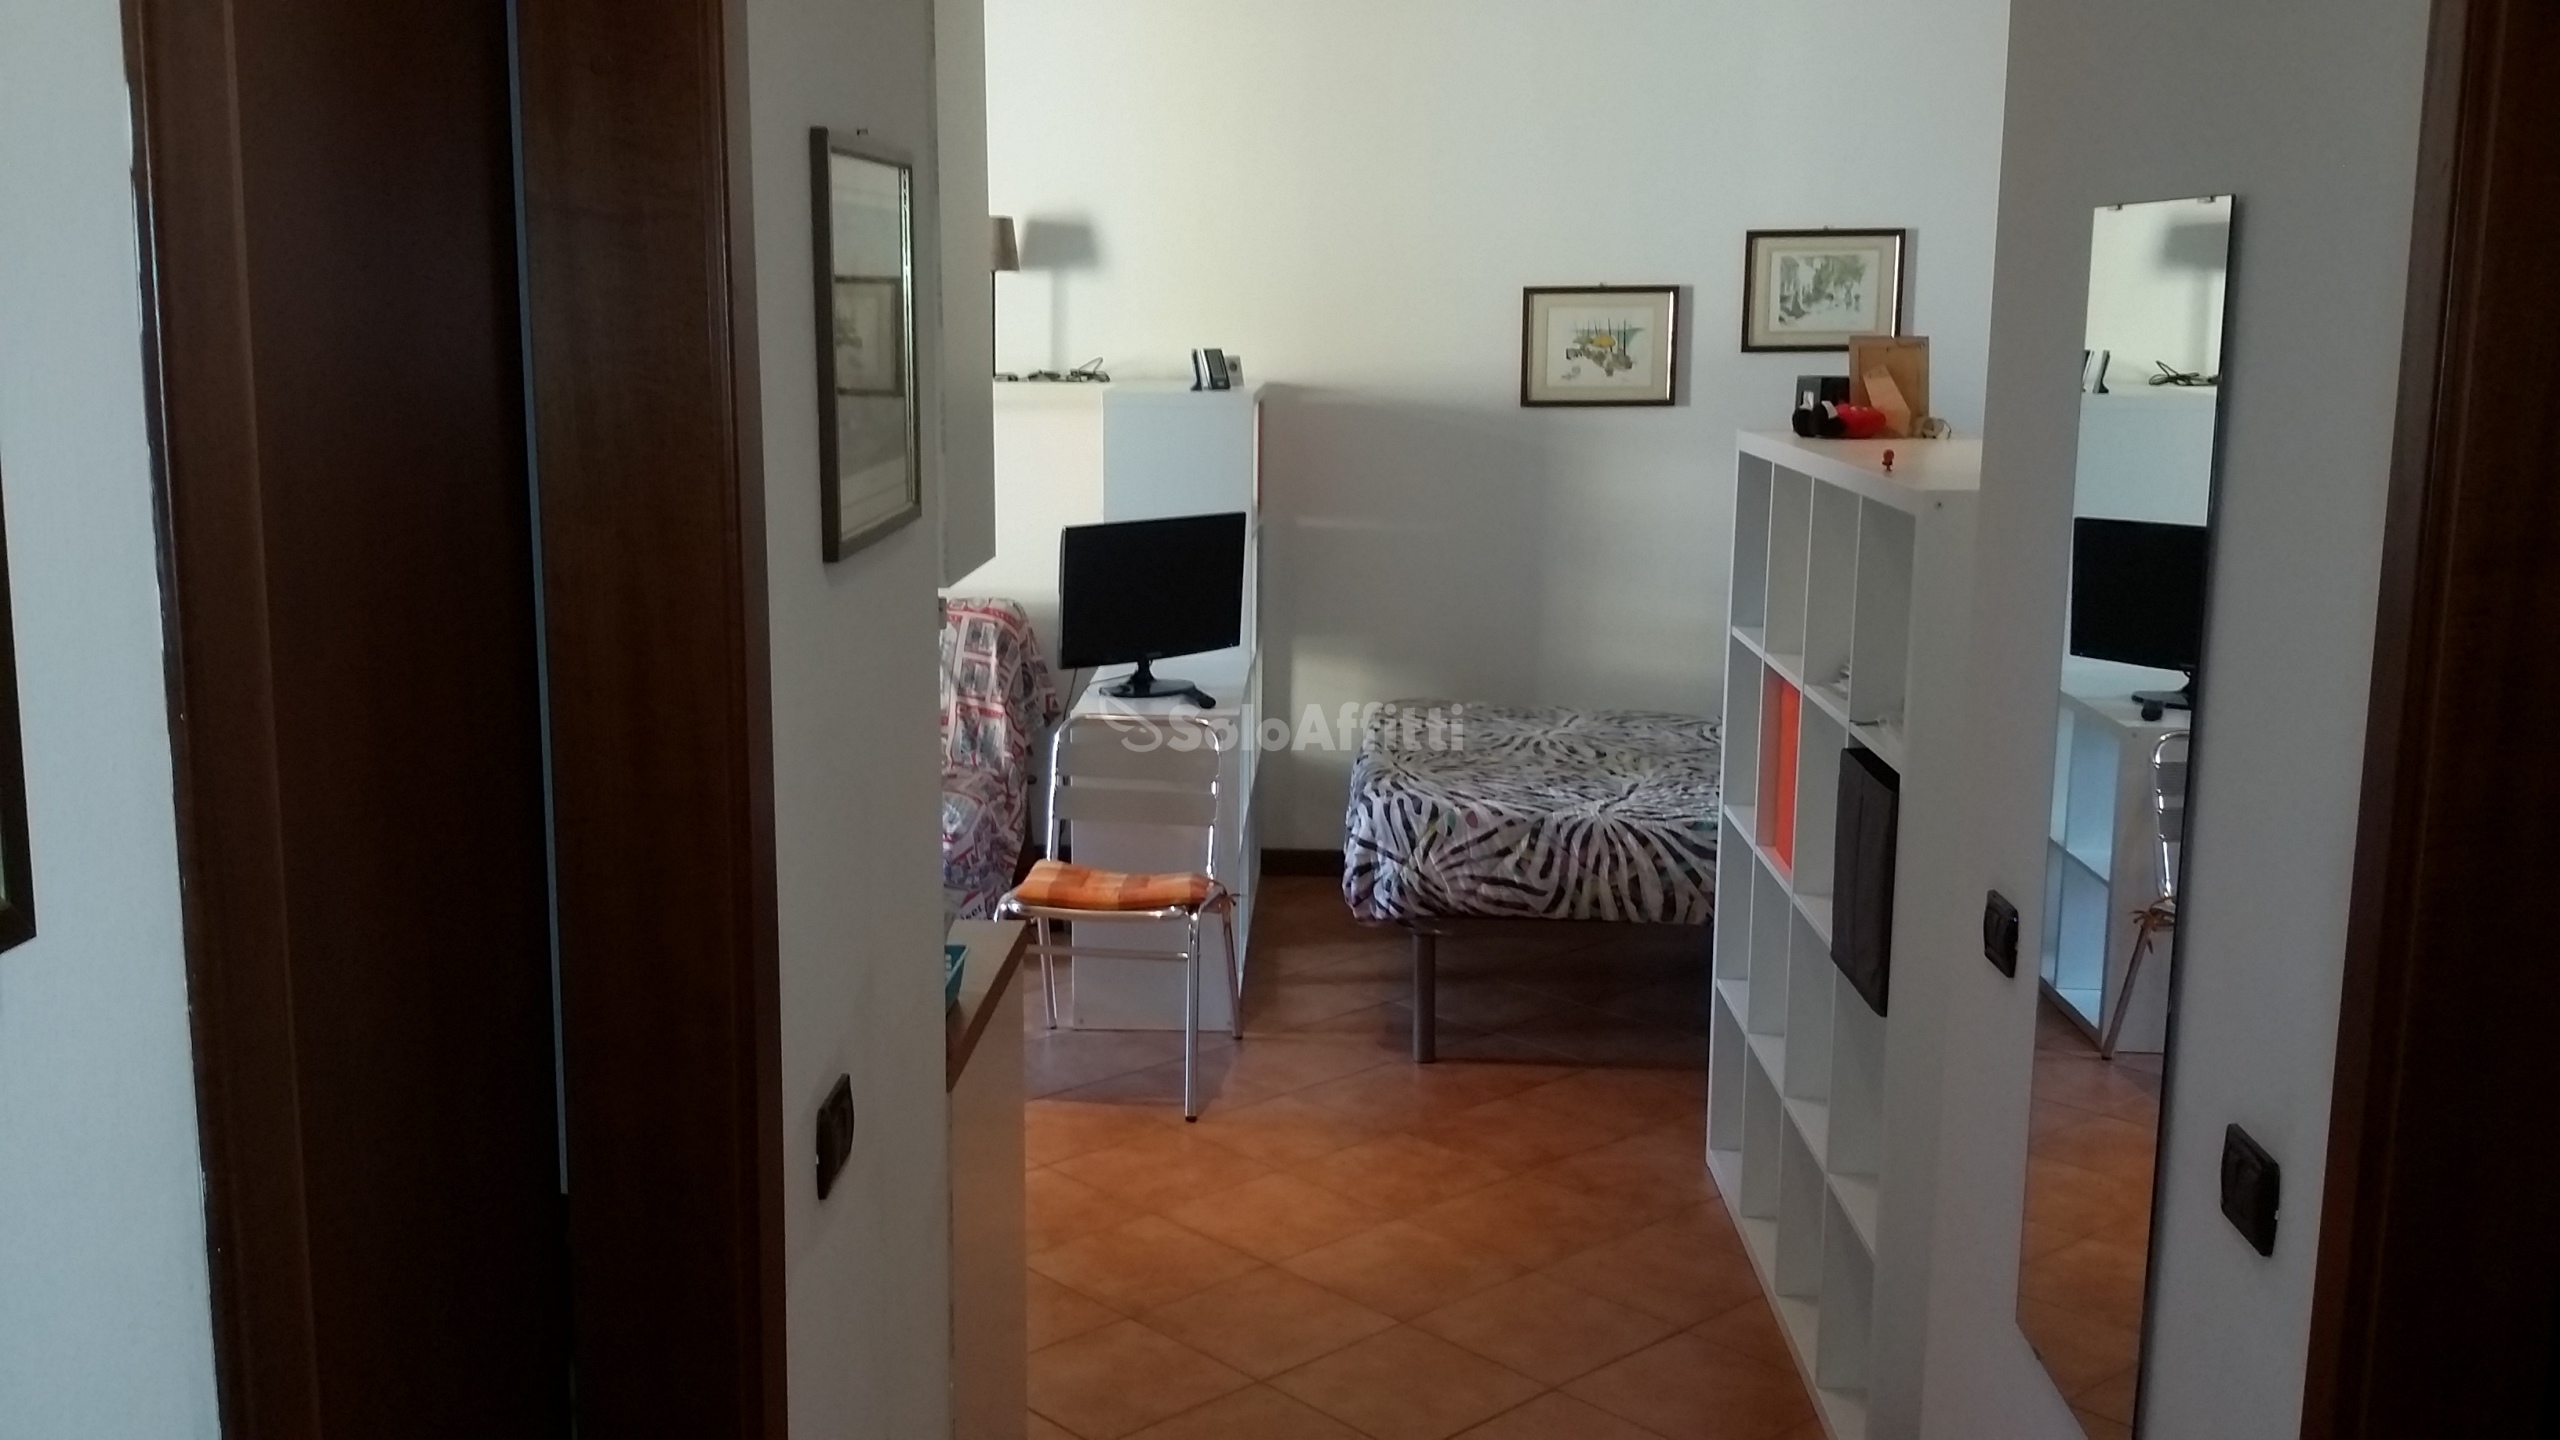 Affitto appartamento monolocale arredato 50 mq for Affitto monolocale arredato